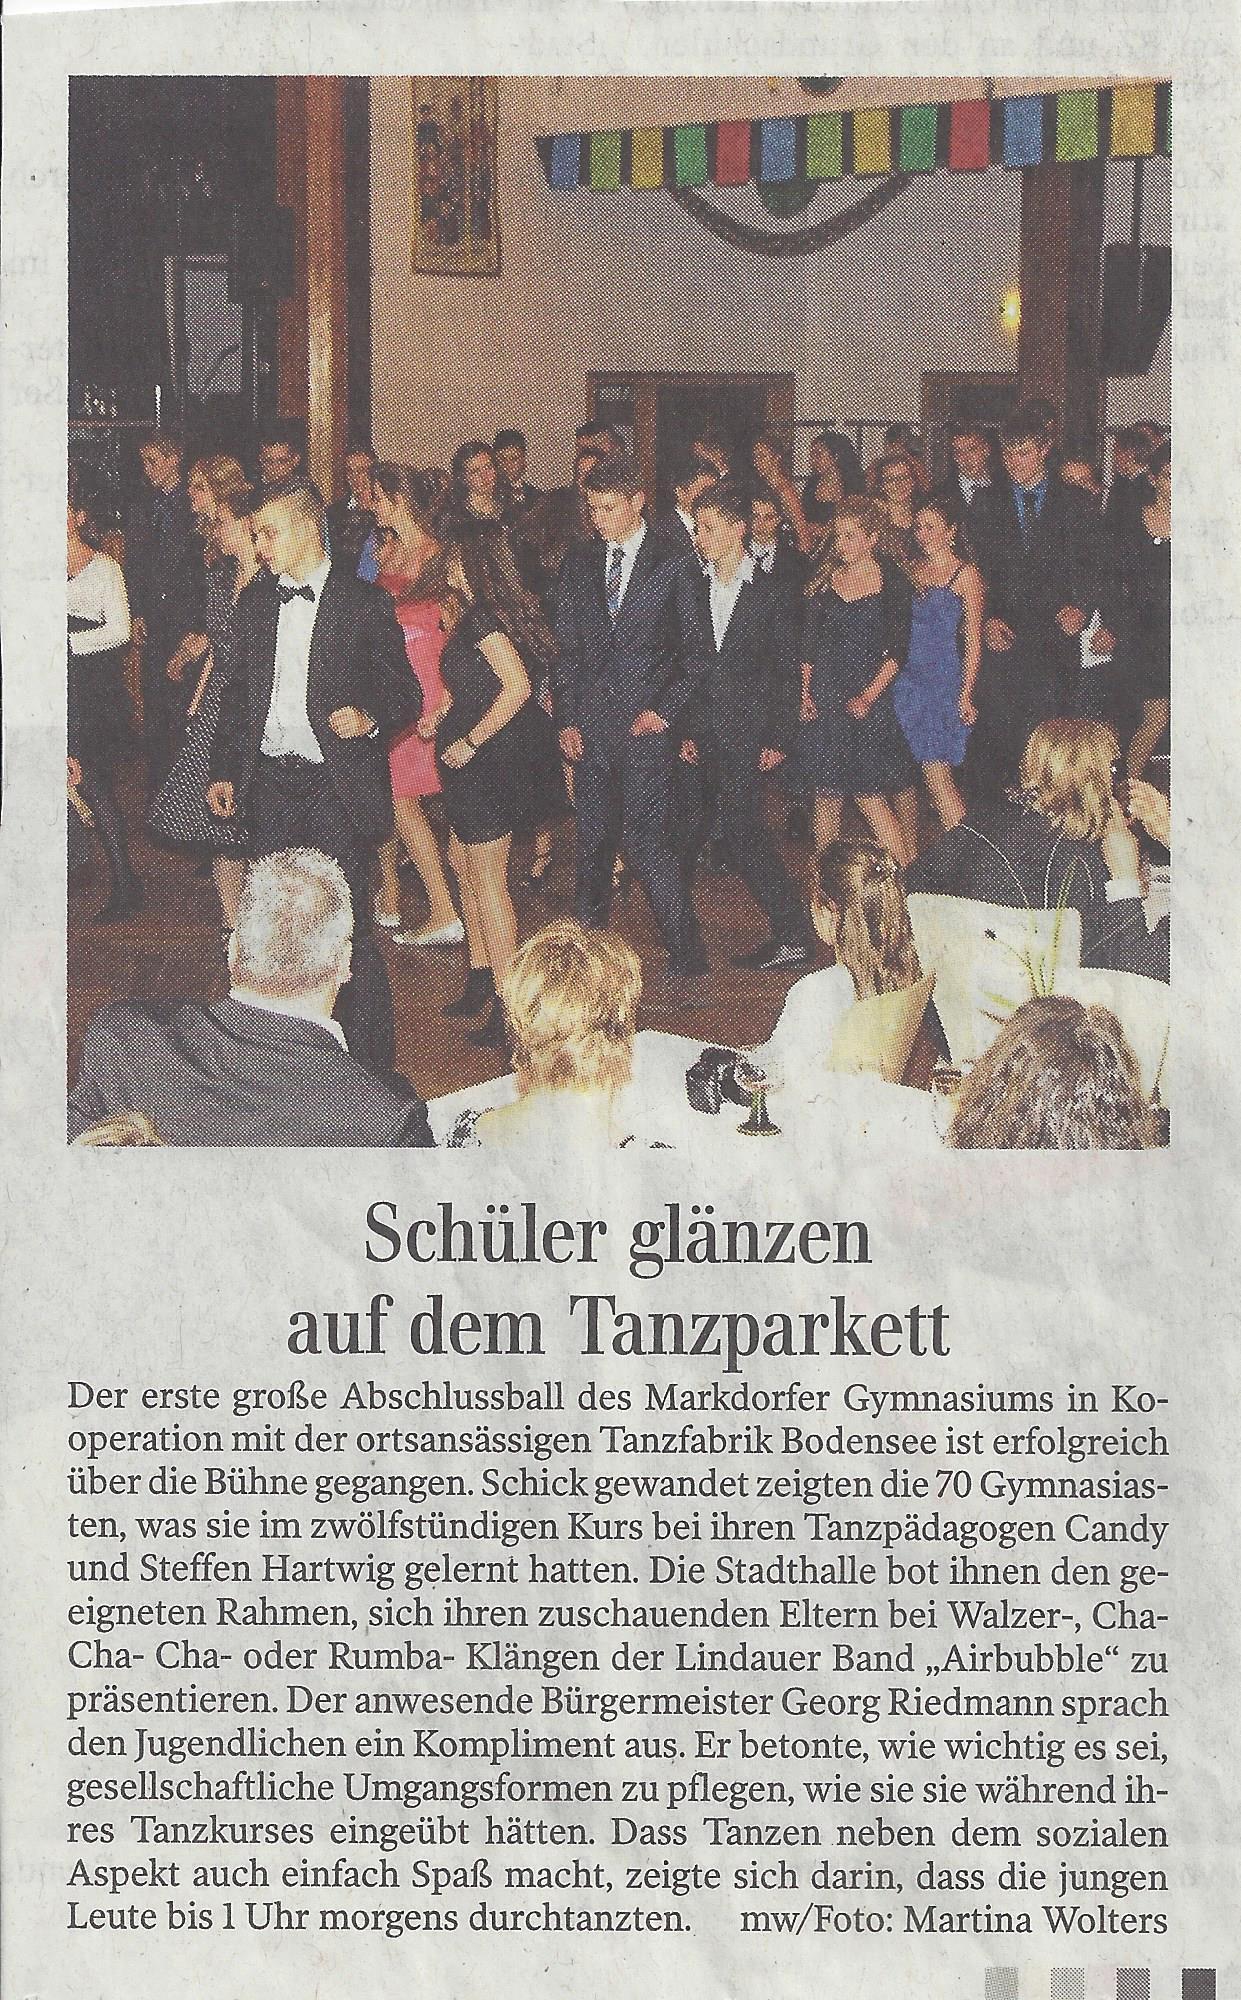 Tanzschule Tanzfabrik Bodensee Abschlussball Schülerkurs vom BZM Markdorf 2015